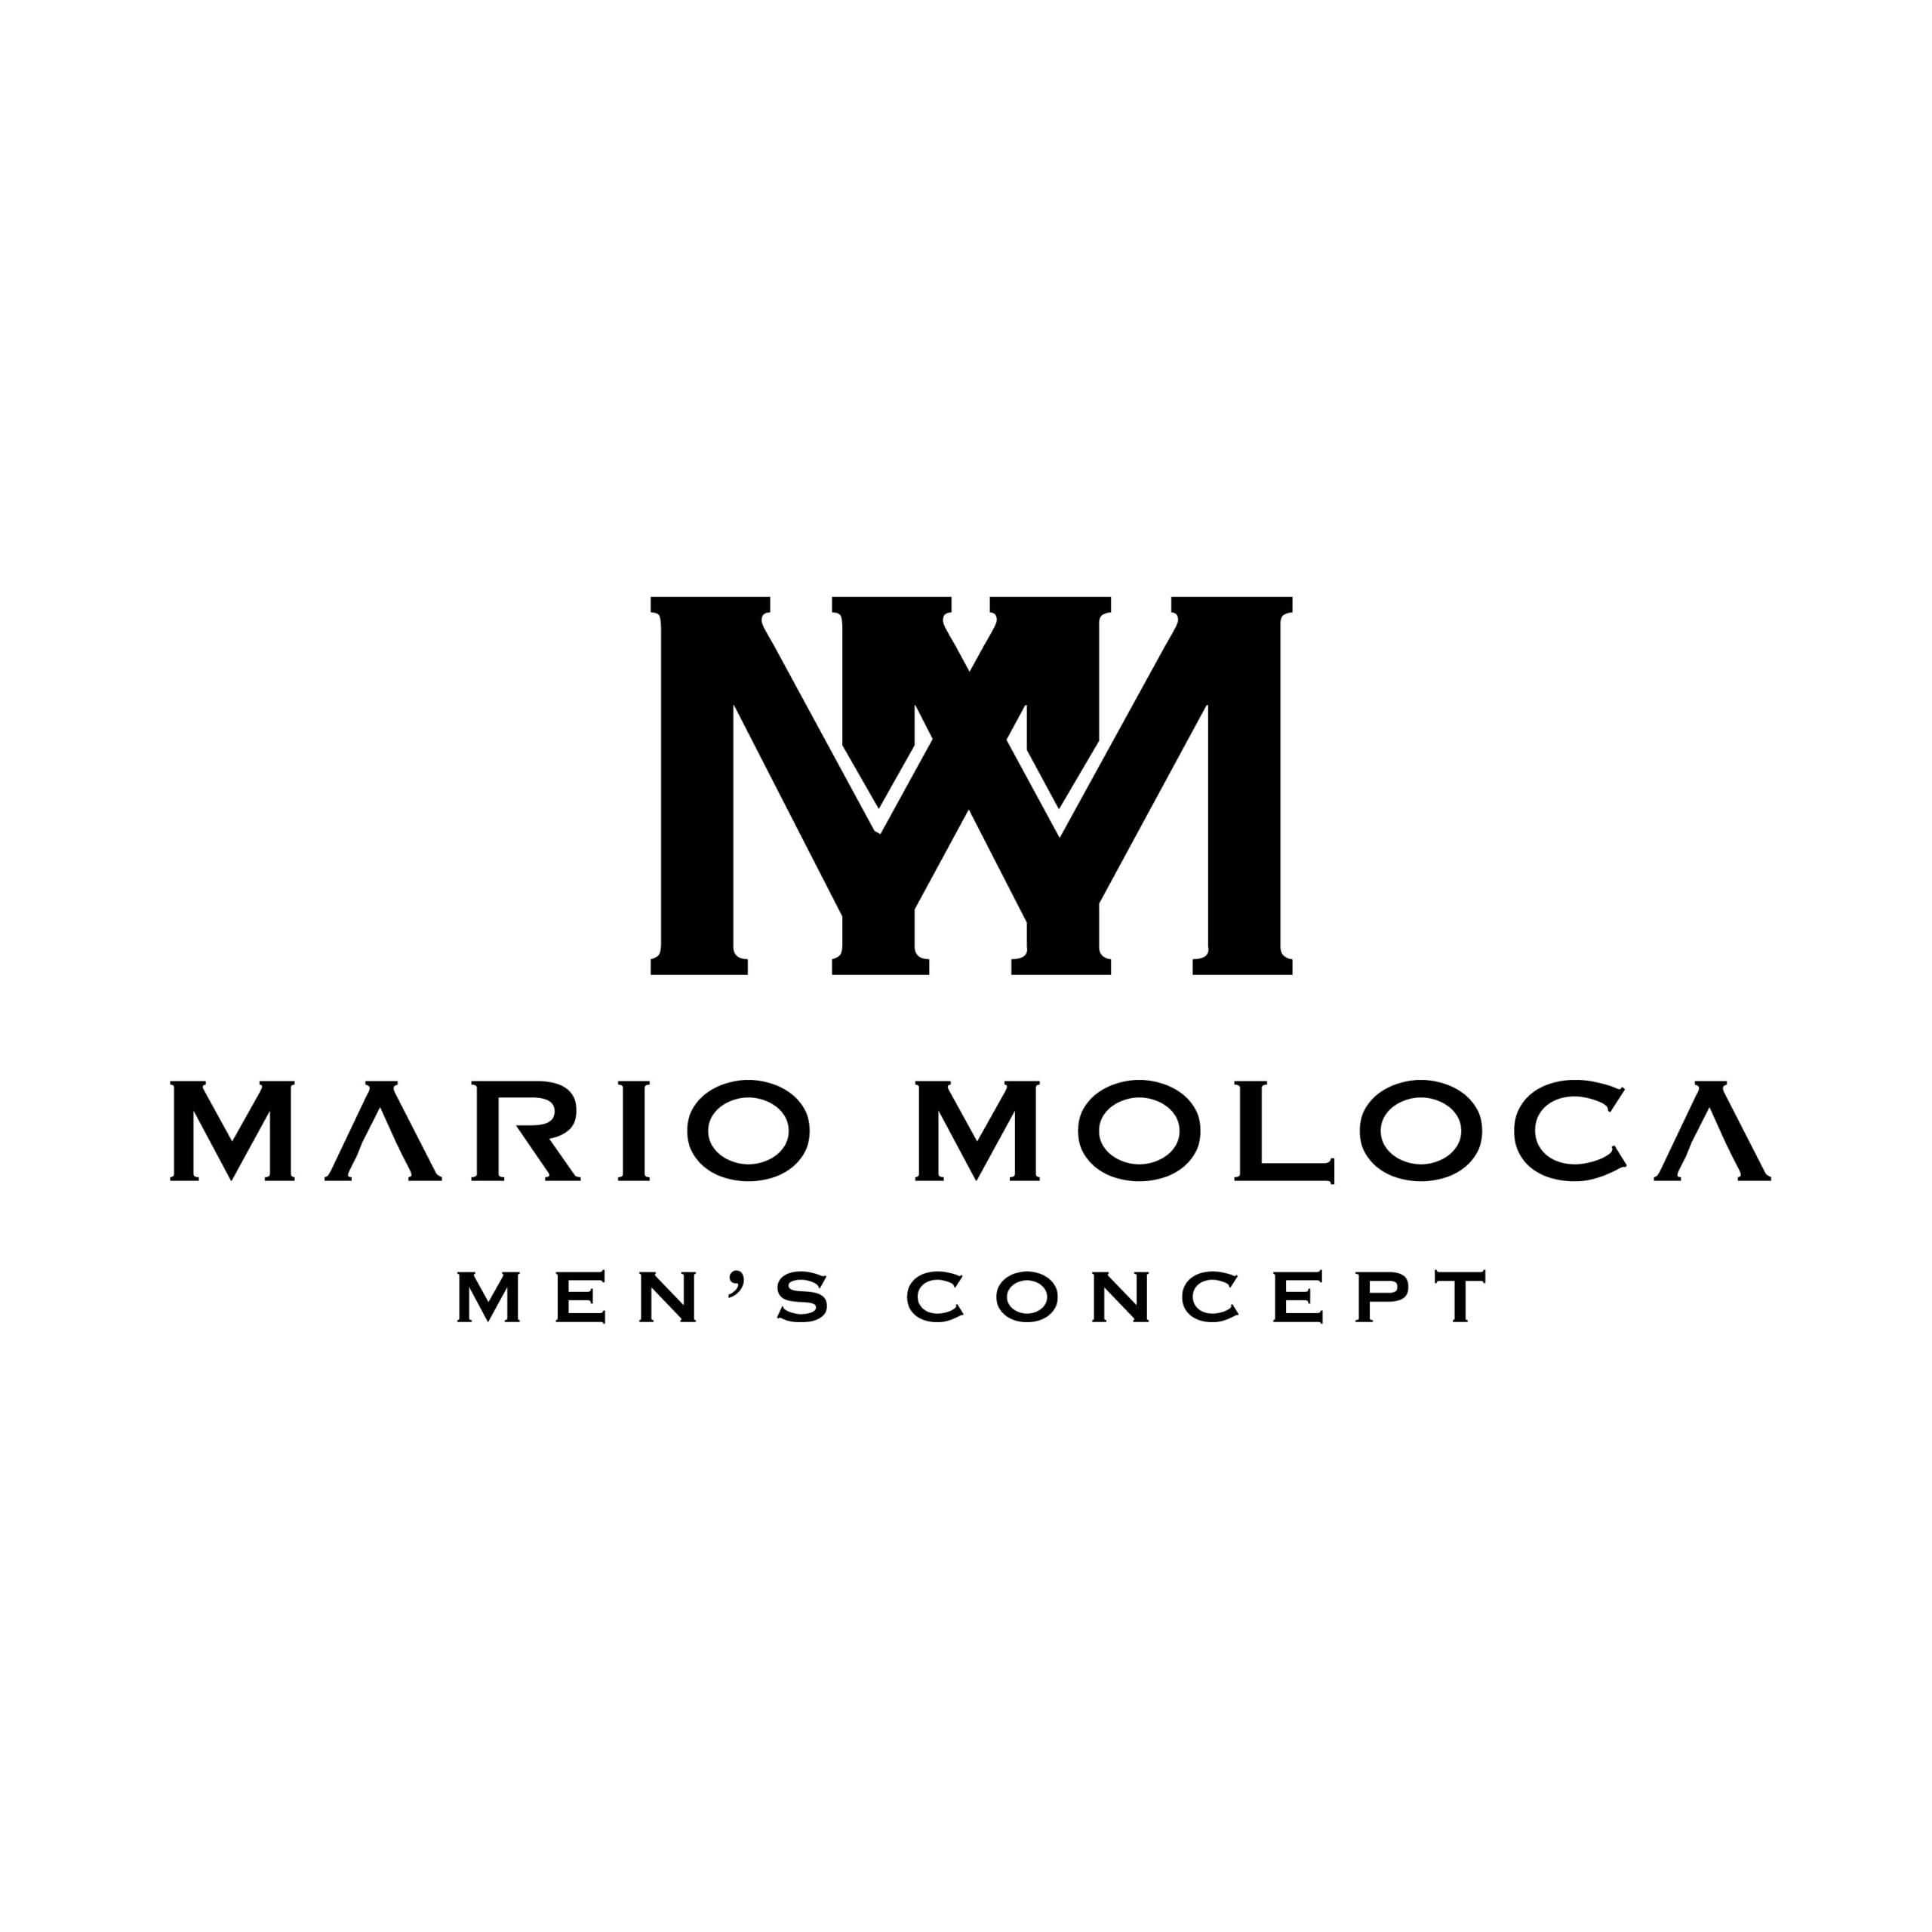 MARIO-MOLOCA